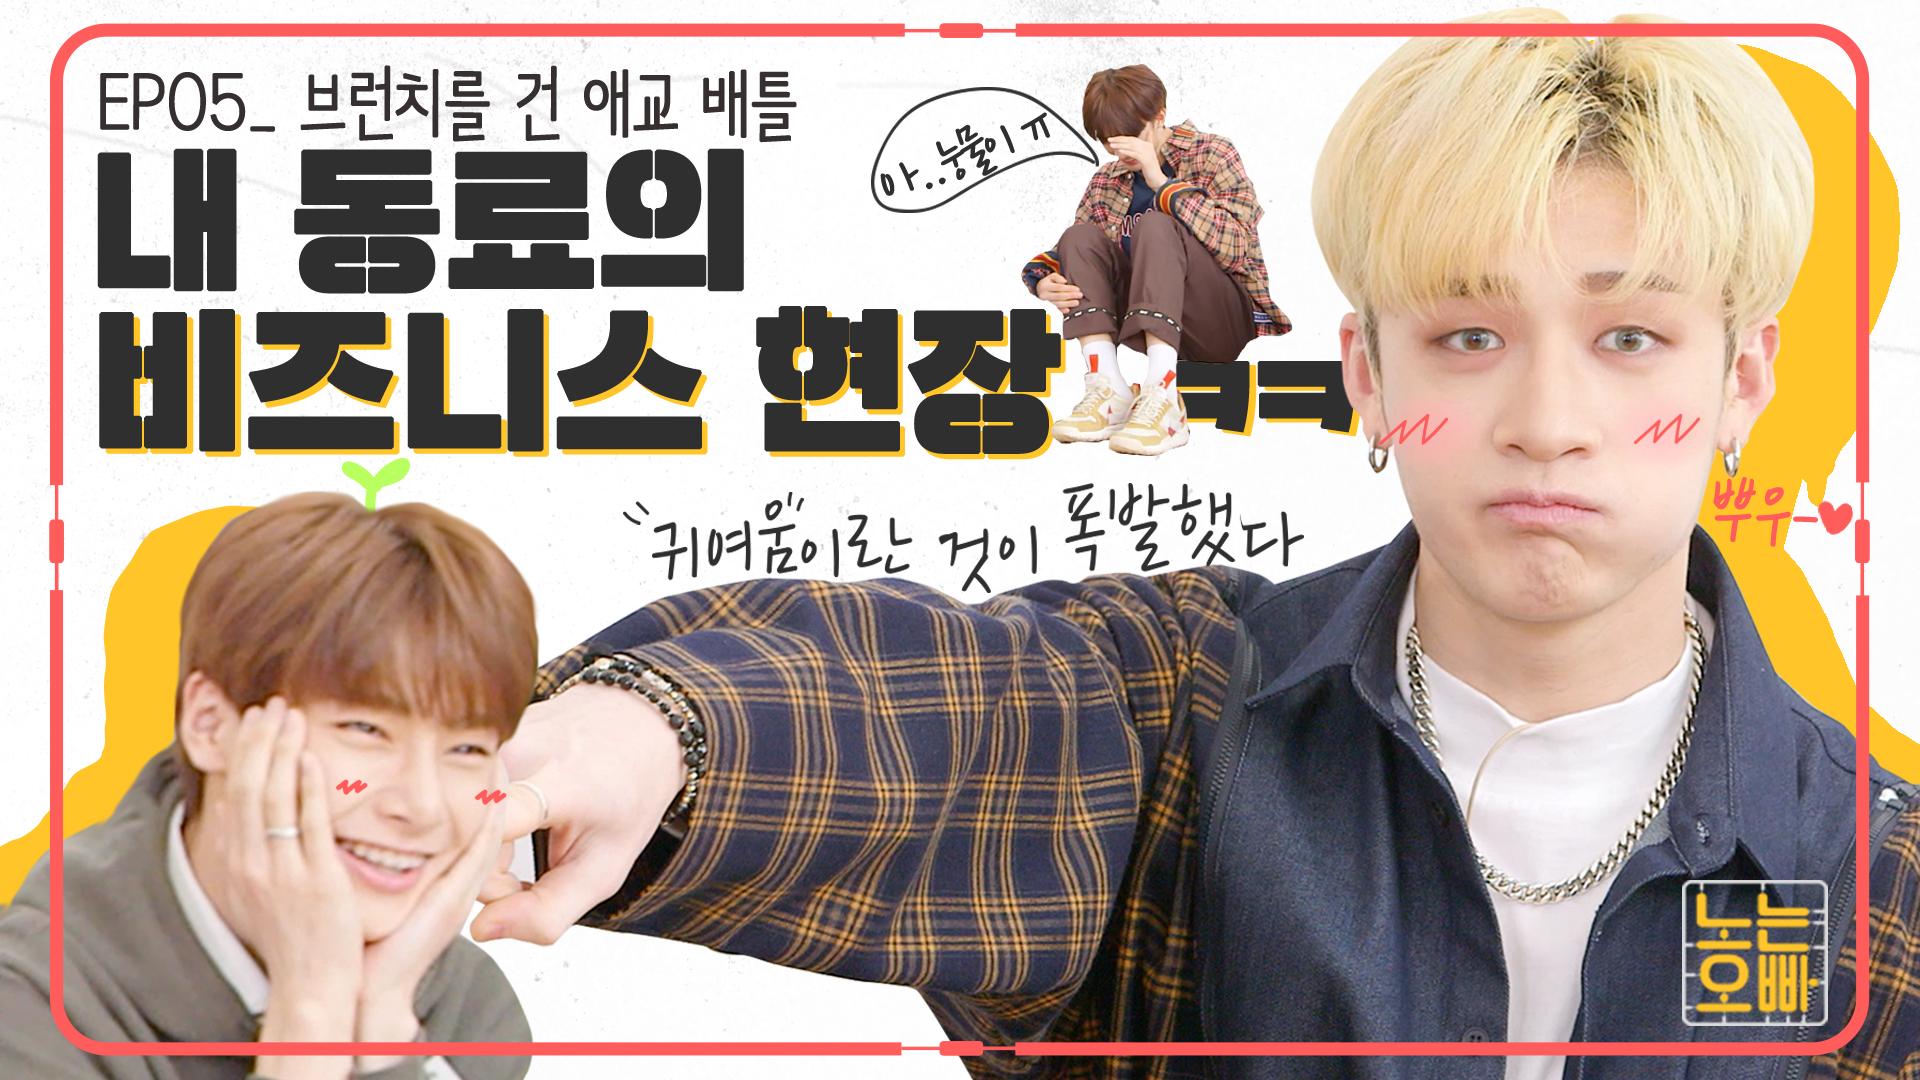 [단독]JYP 신인 아이돌.. 유기농으로는 부족해..[노는 오빠] EP.05 브런치를 건 애교 배틀